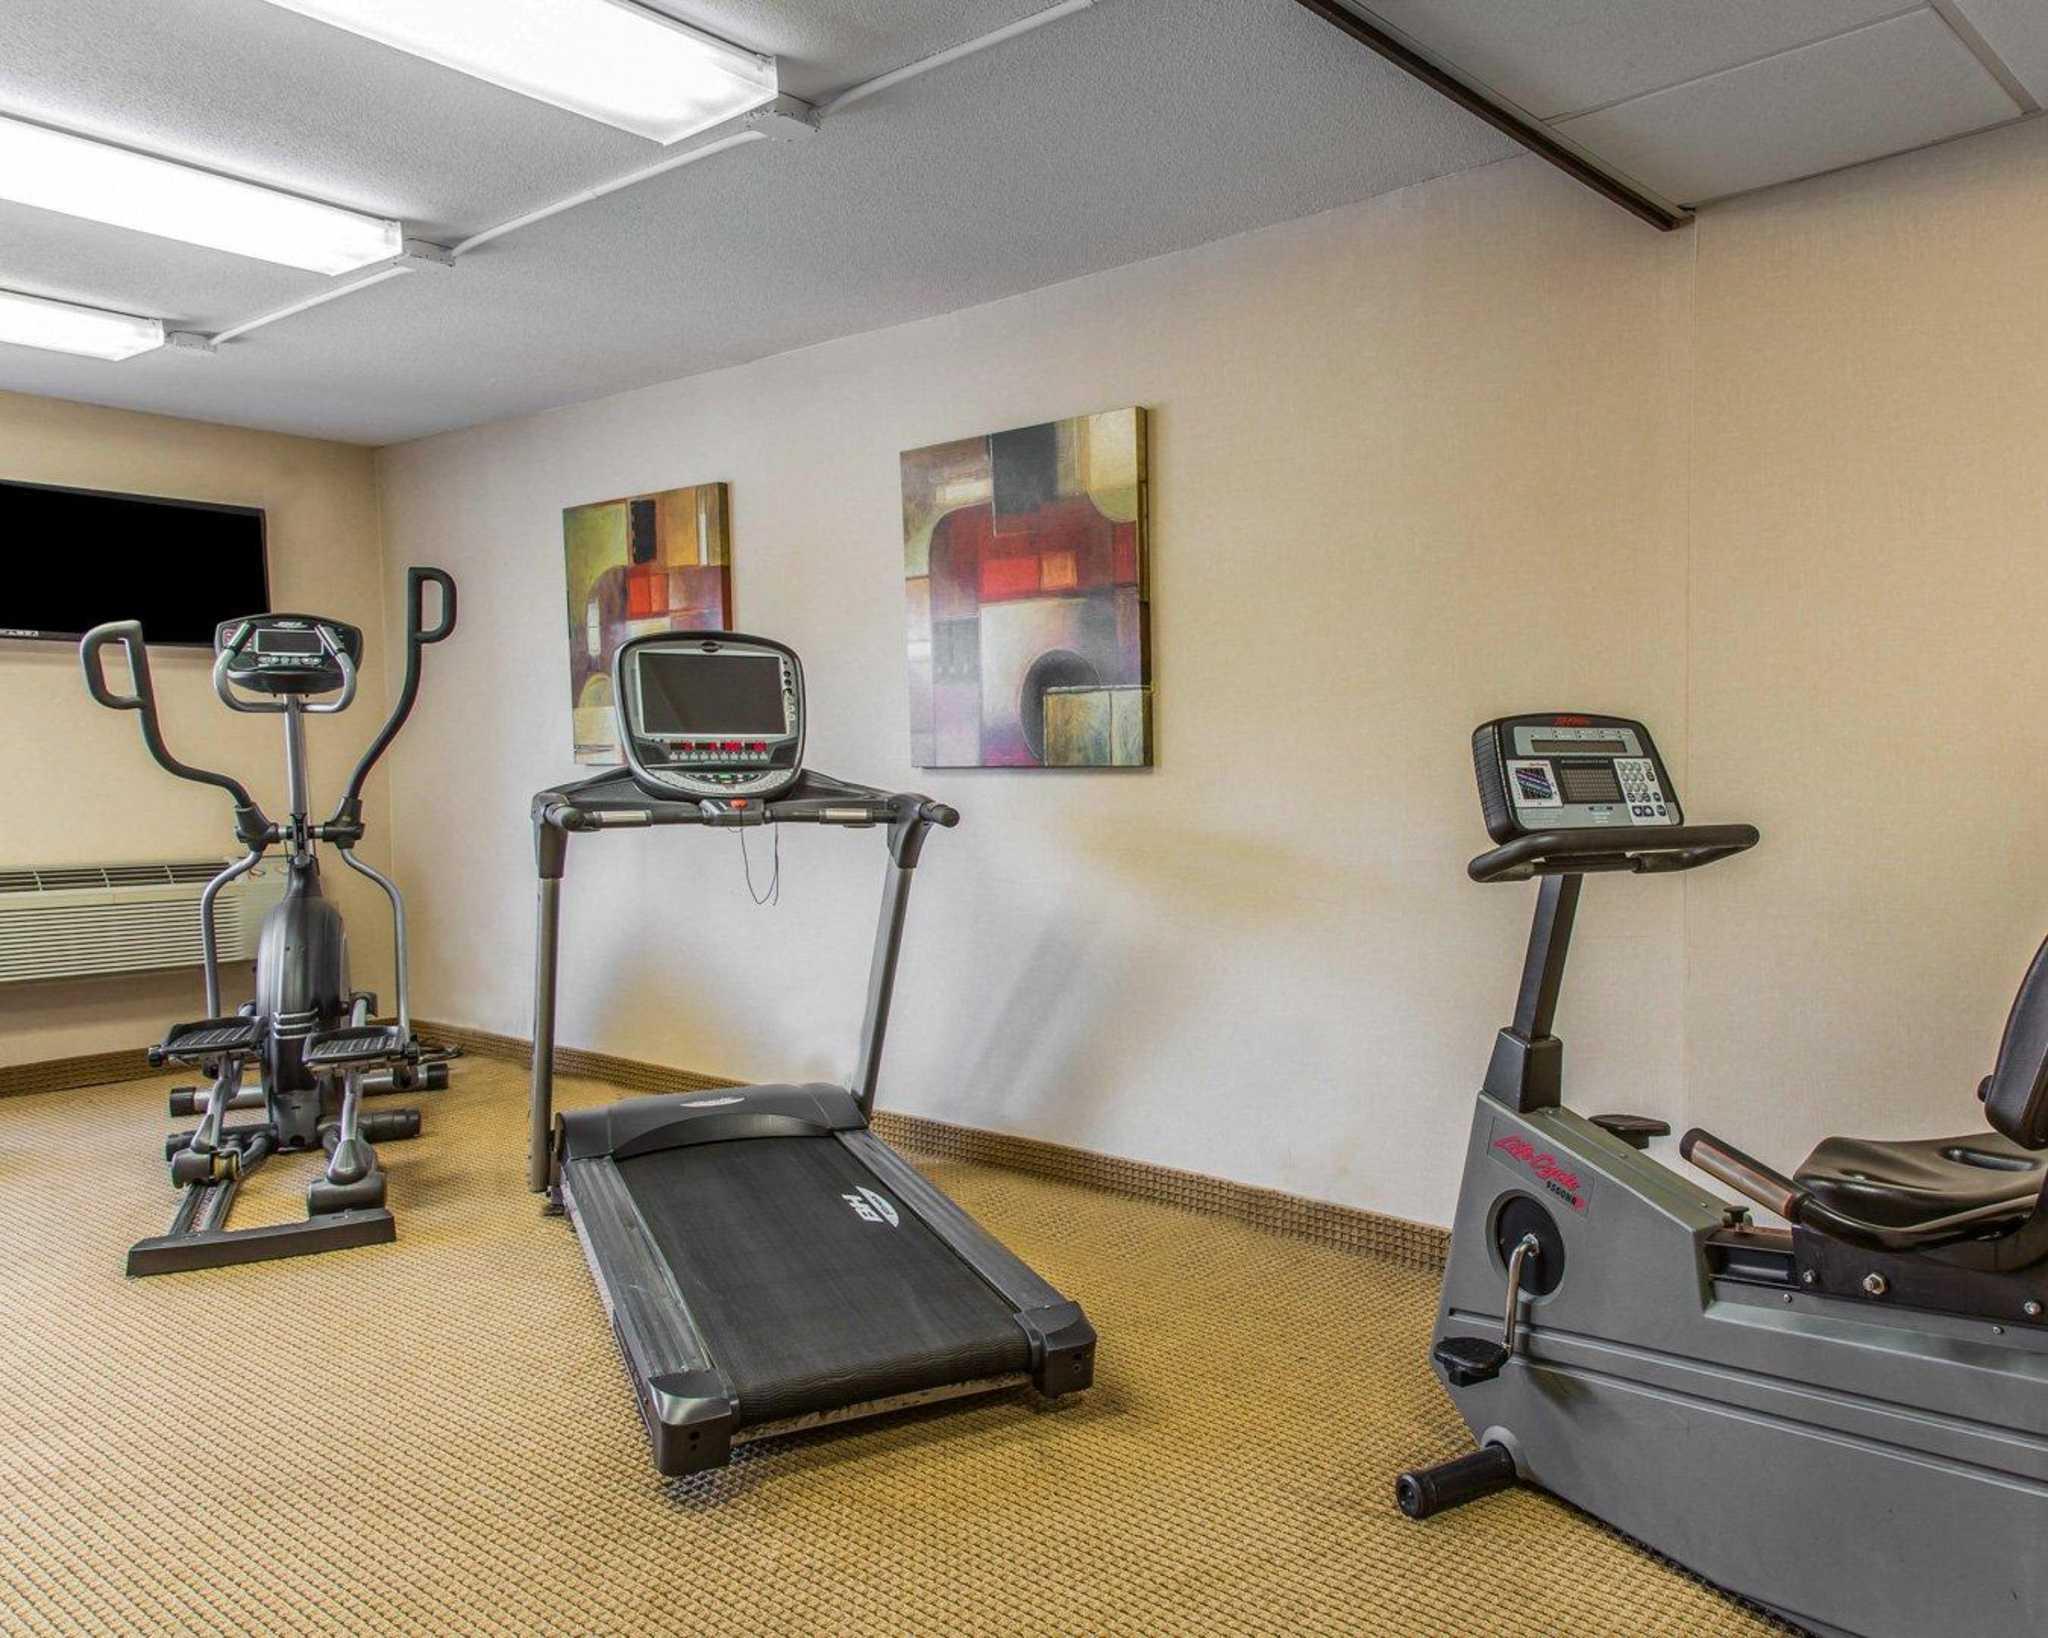 Rodeway Inn & Suites Bradley Airport image 8